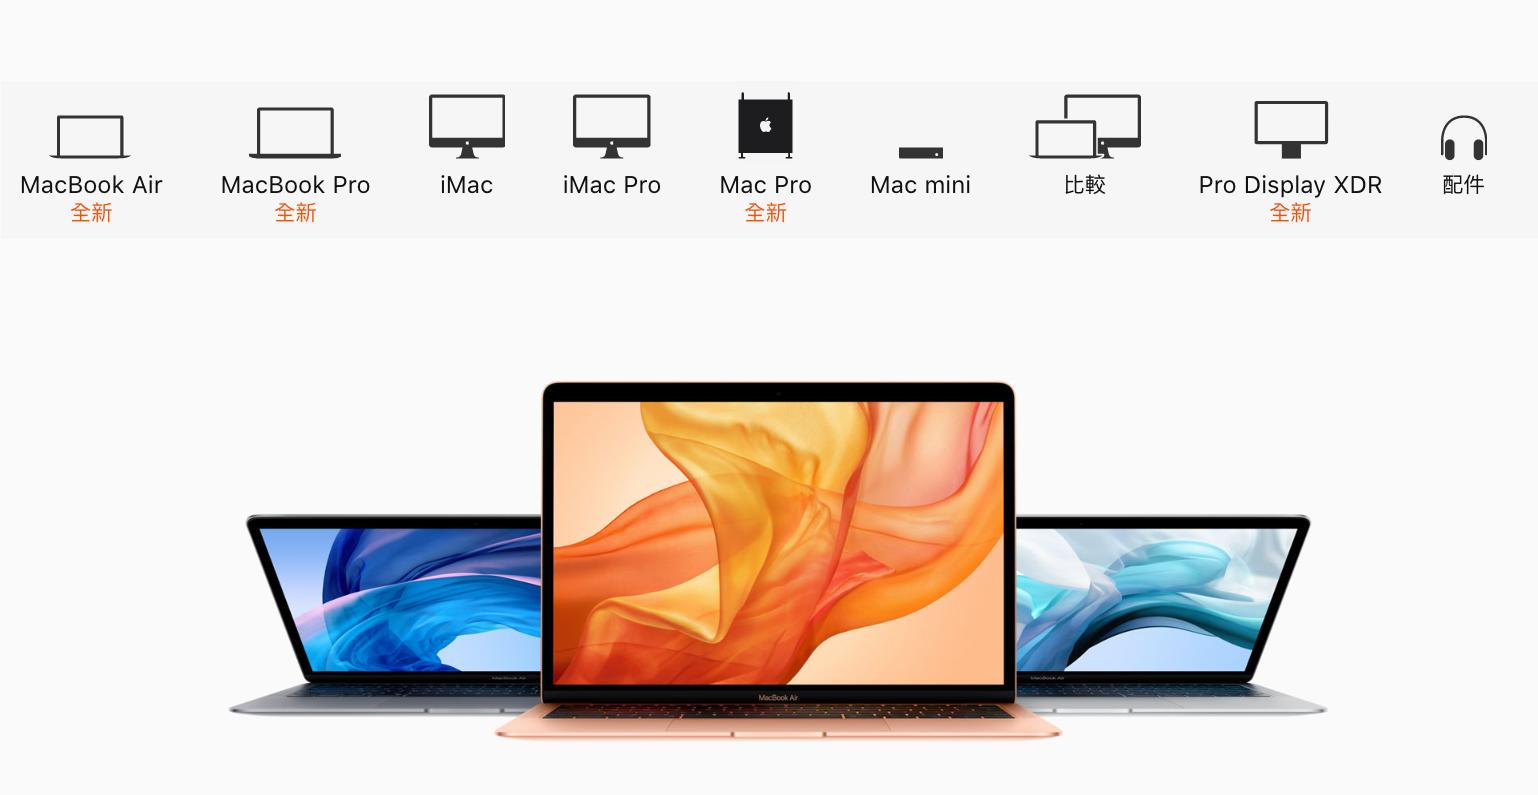 蘋果官網更新,Macbook Pro 全面加入 Touch Bar、Macbook Air 售價 33,900 元起